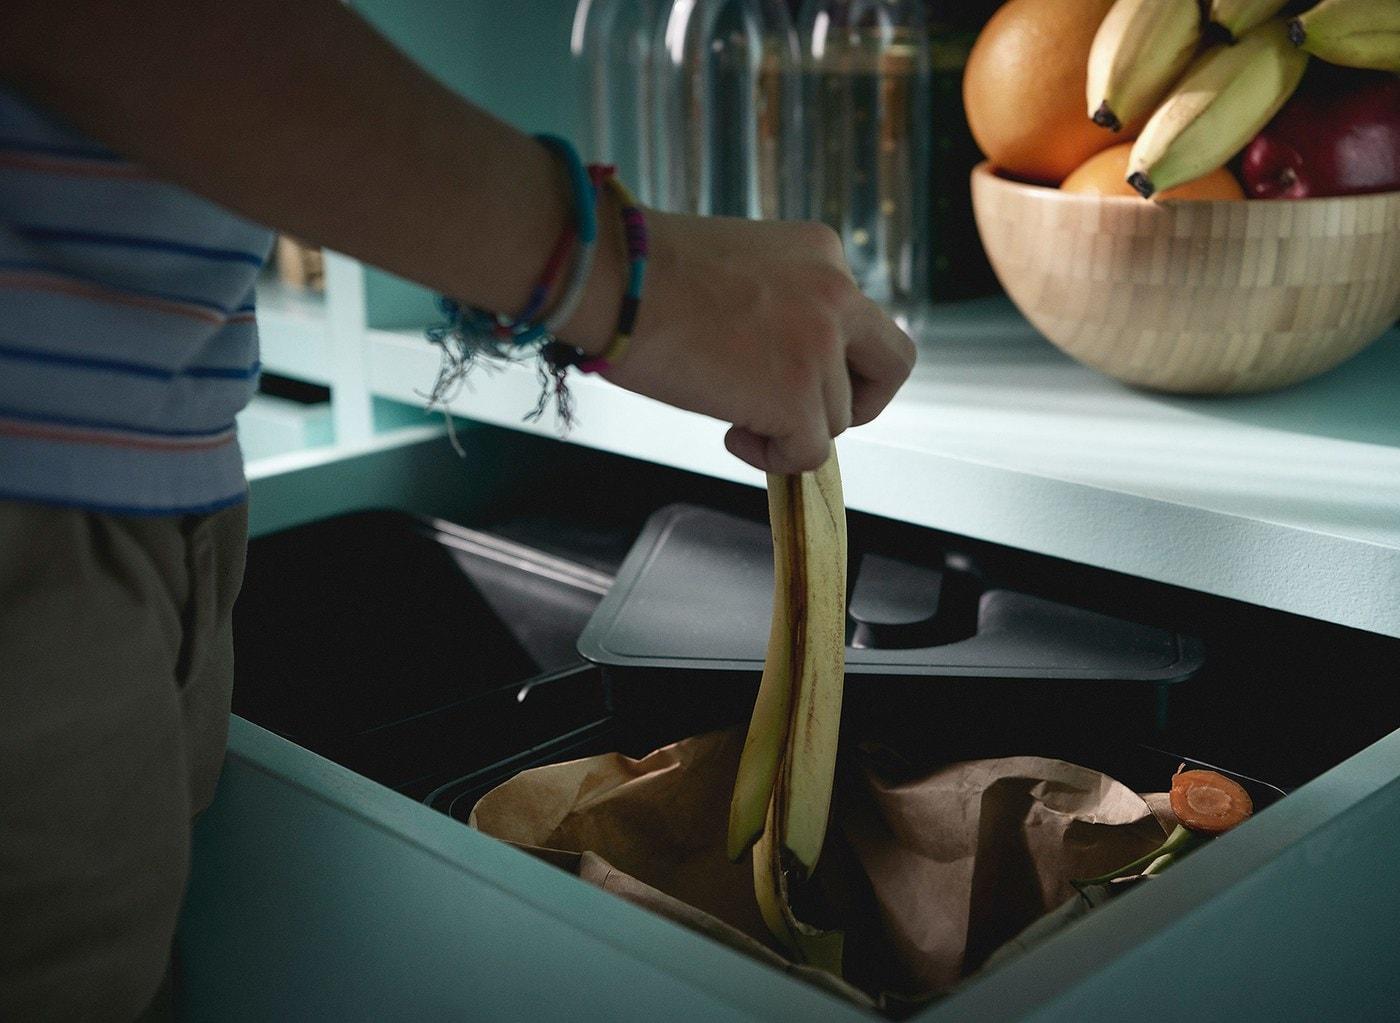 Une personne portant des bracelets laissant tomber une peau de banane dans une poubelle de recyclage IKEA VARIERA, dans un tiroir de cuisine.